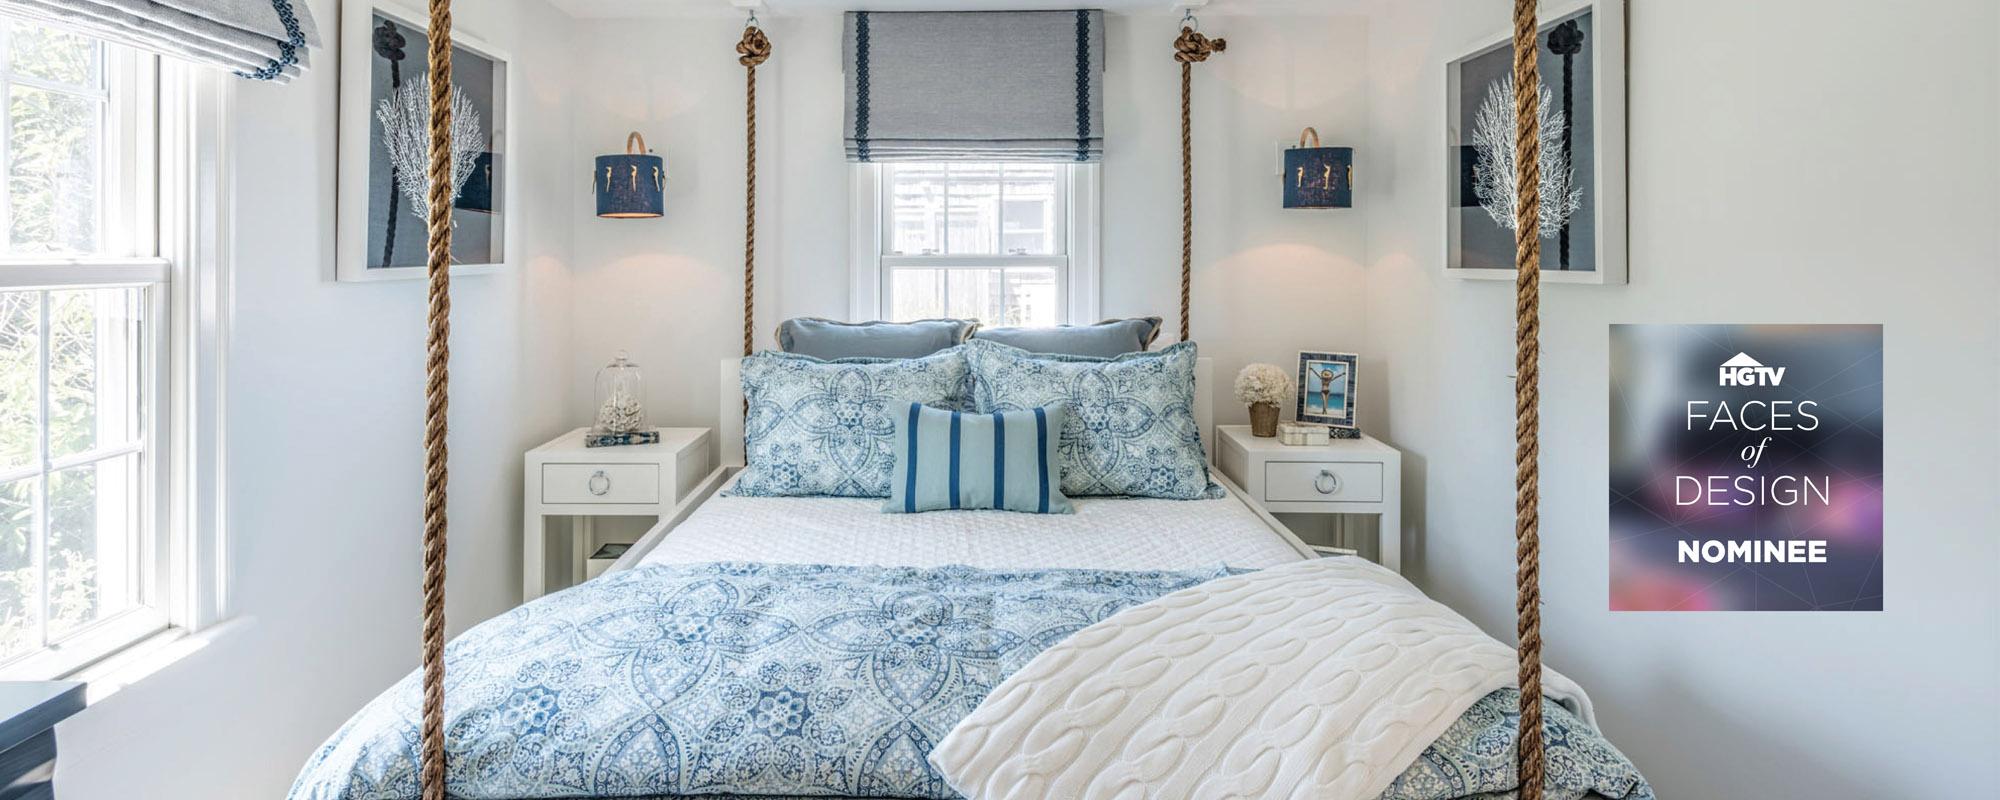 hgtv-casa-homepage-bedroom_1